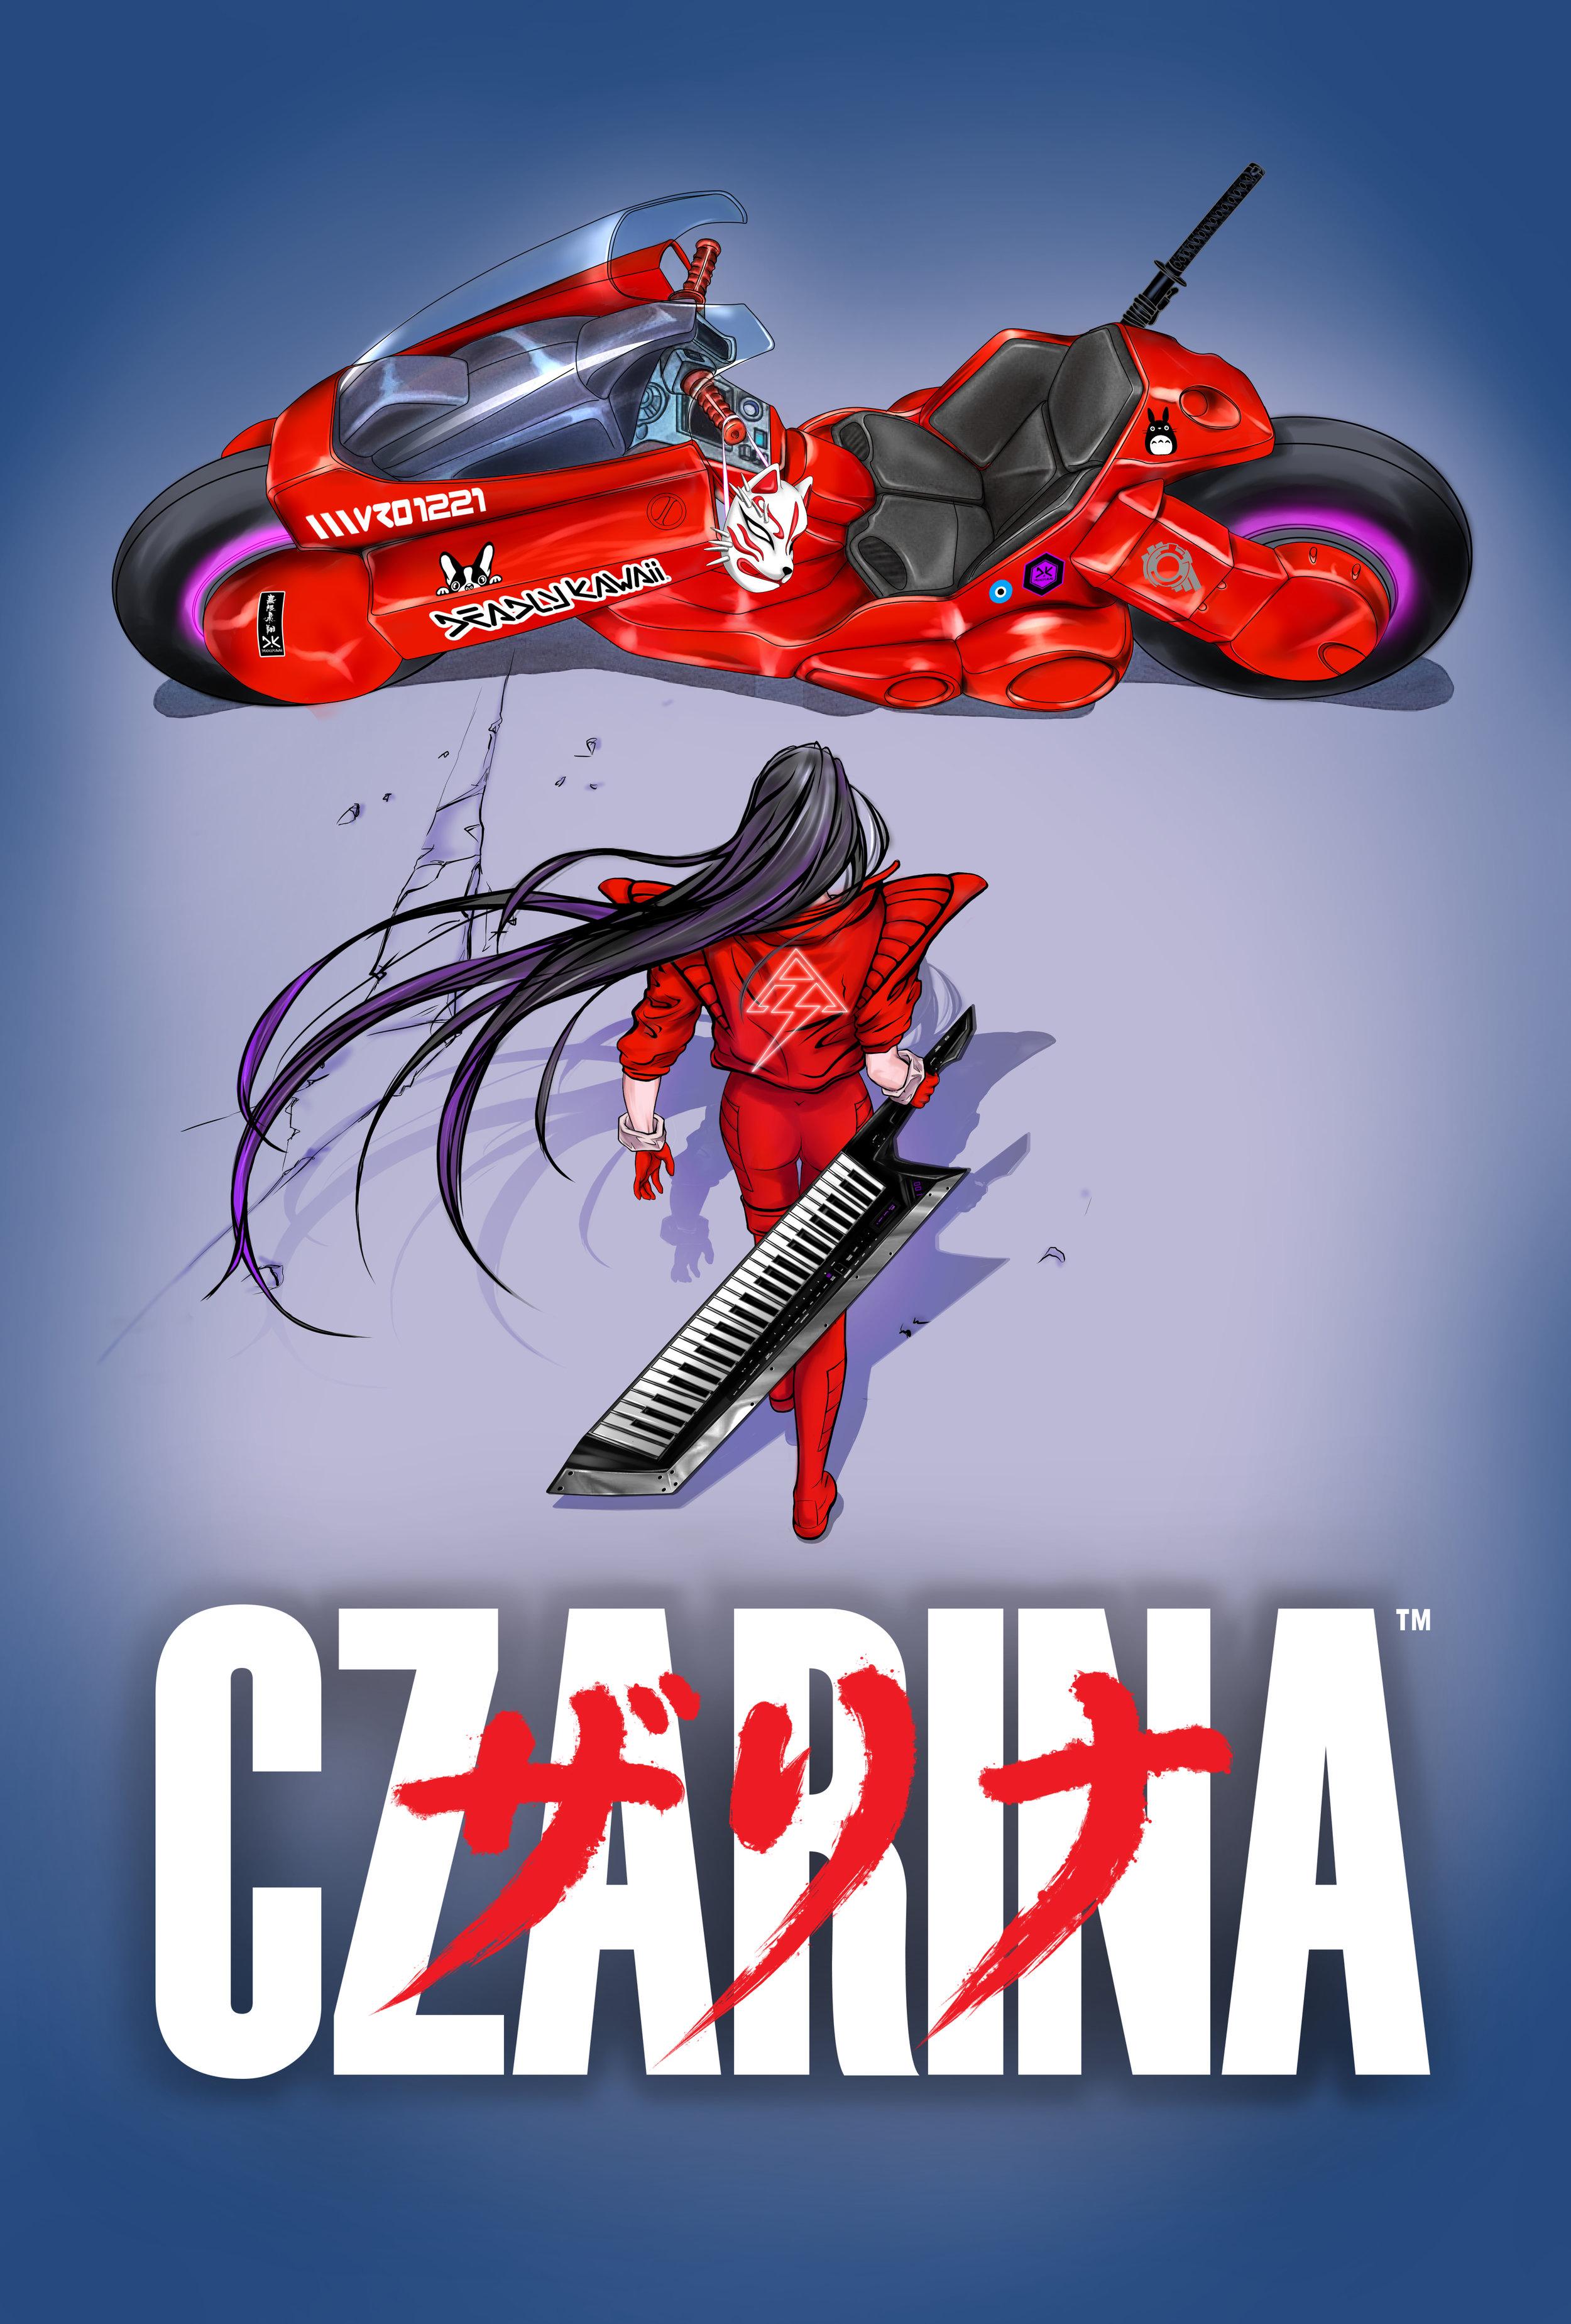 CZARINA-Tshirt1.jpg